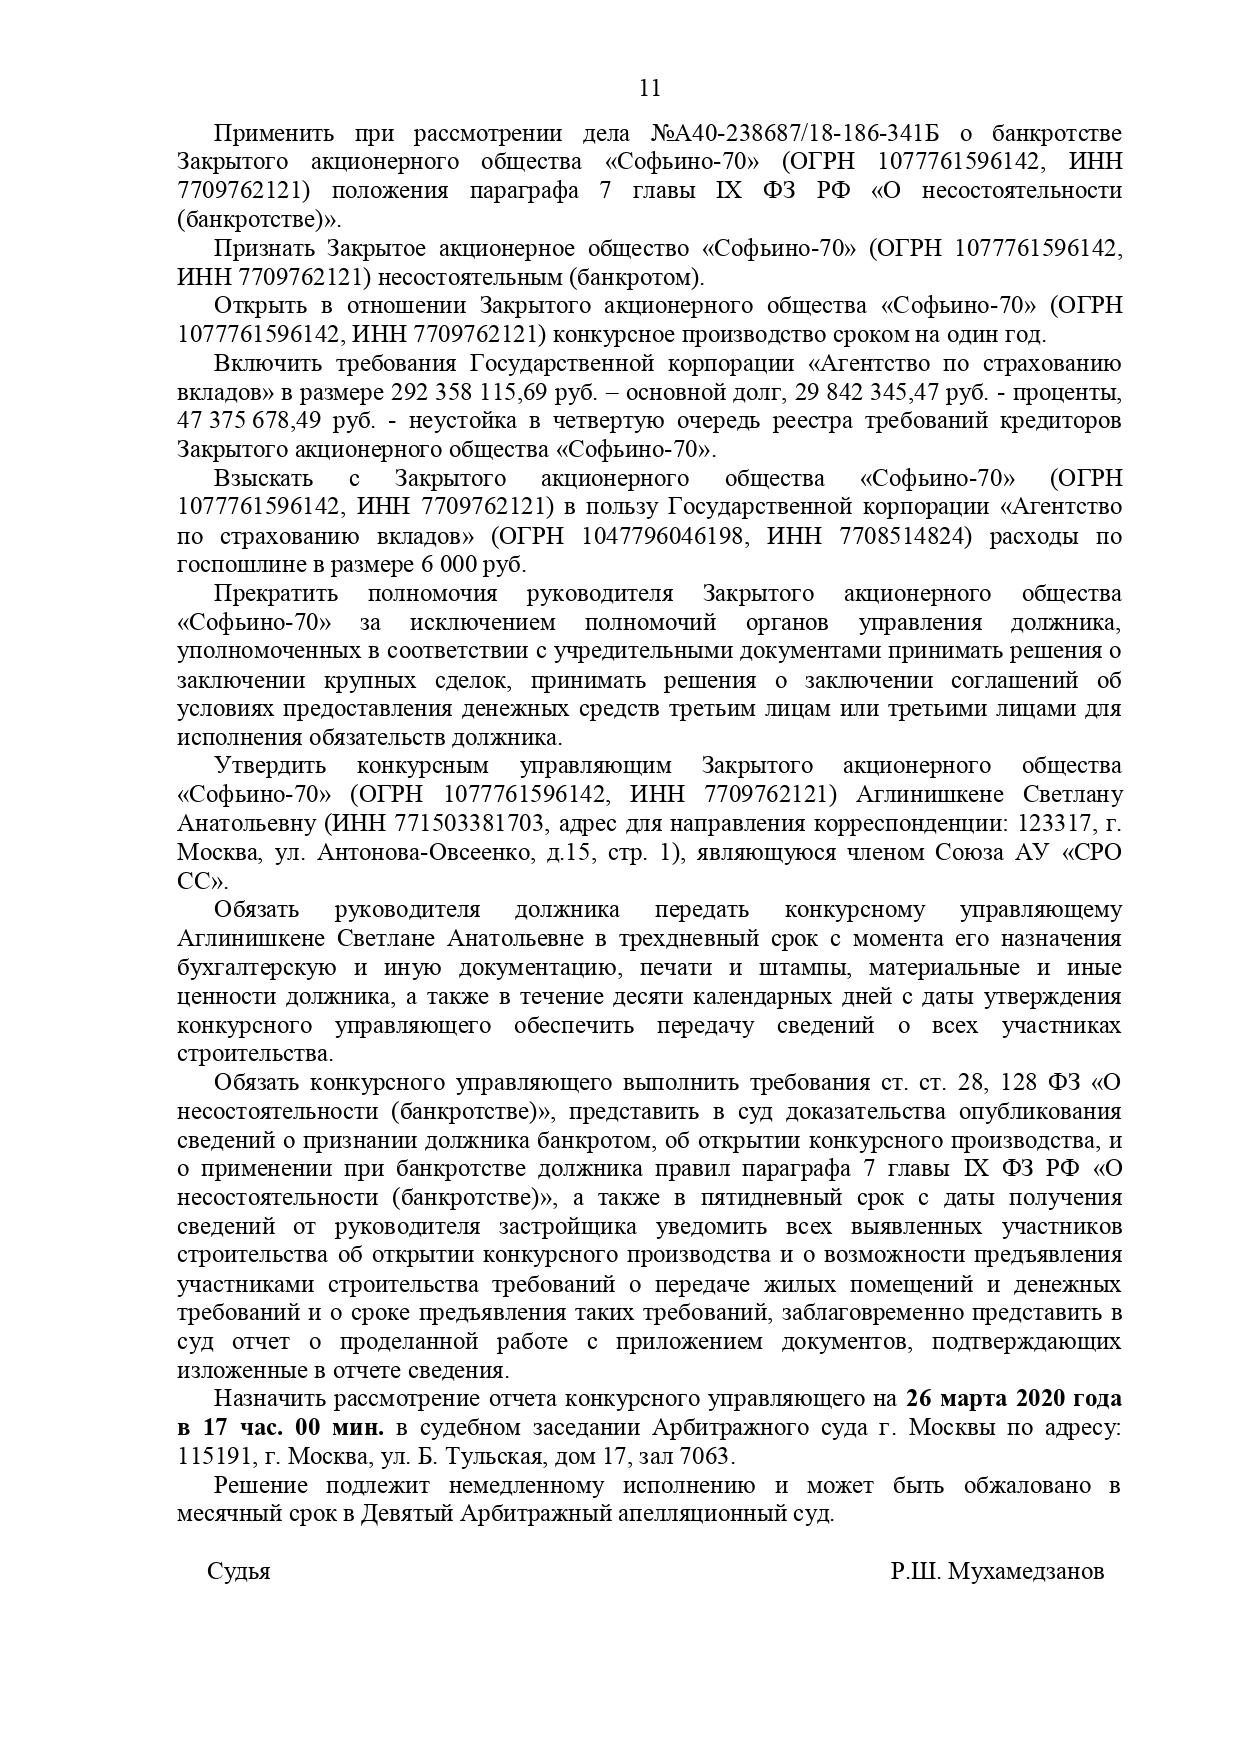 Определение Арбитражного суда города Москвы от 20.03.2020 г.